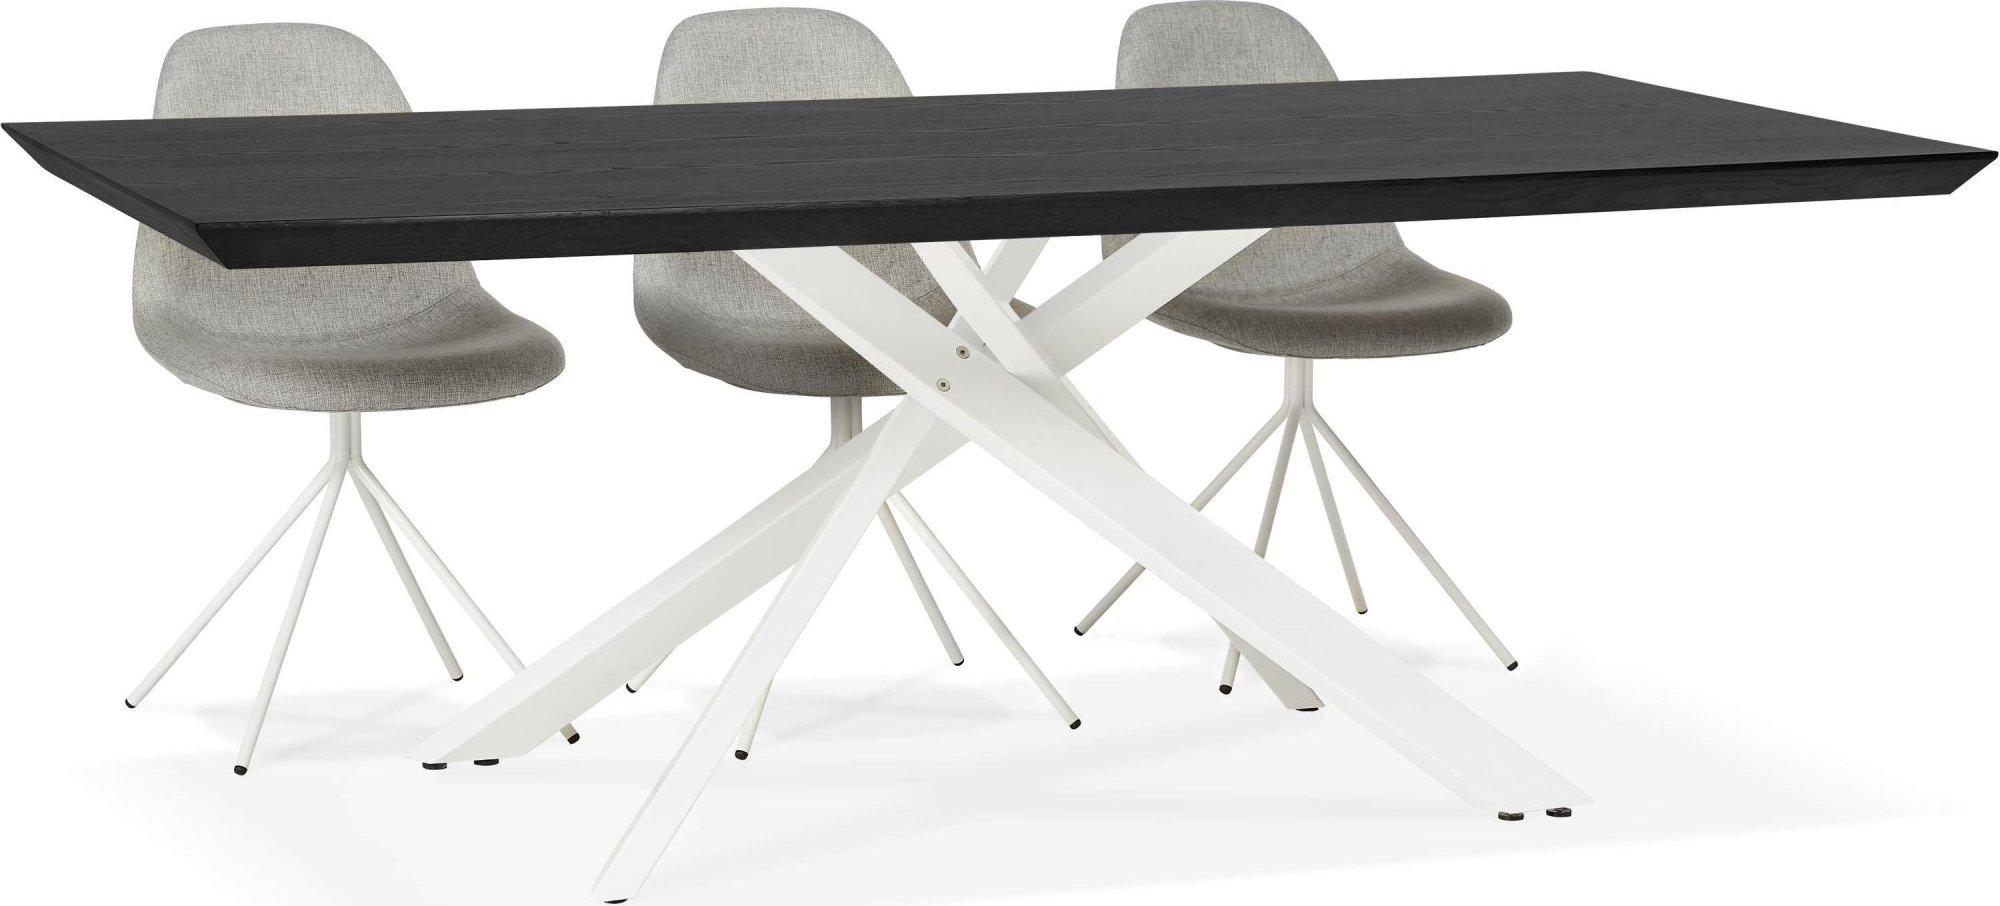 Table a diner bois noir pieds acier brossé 8 places l200cm